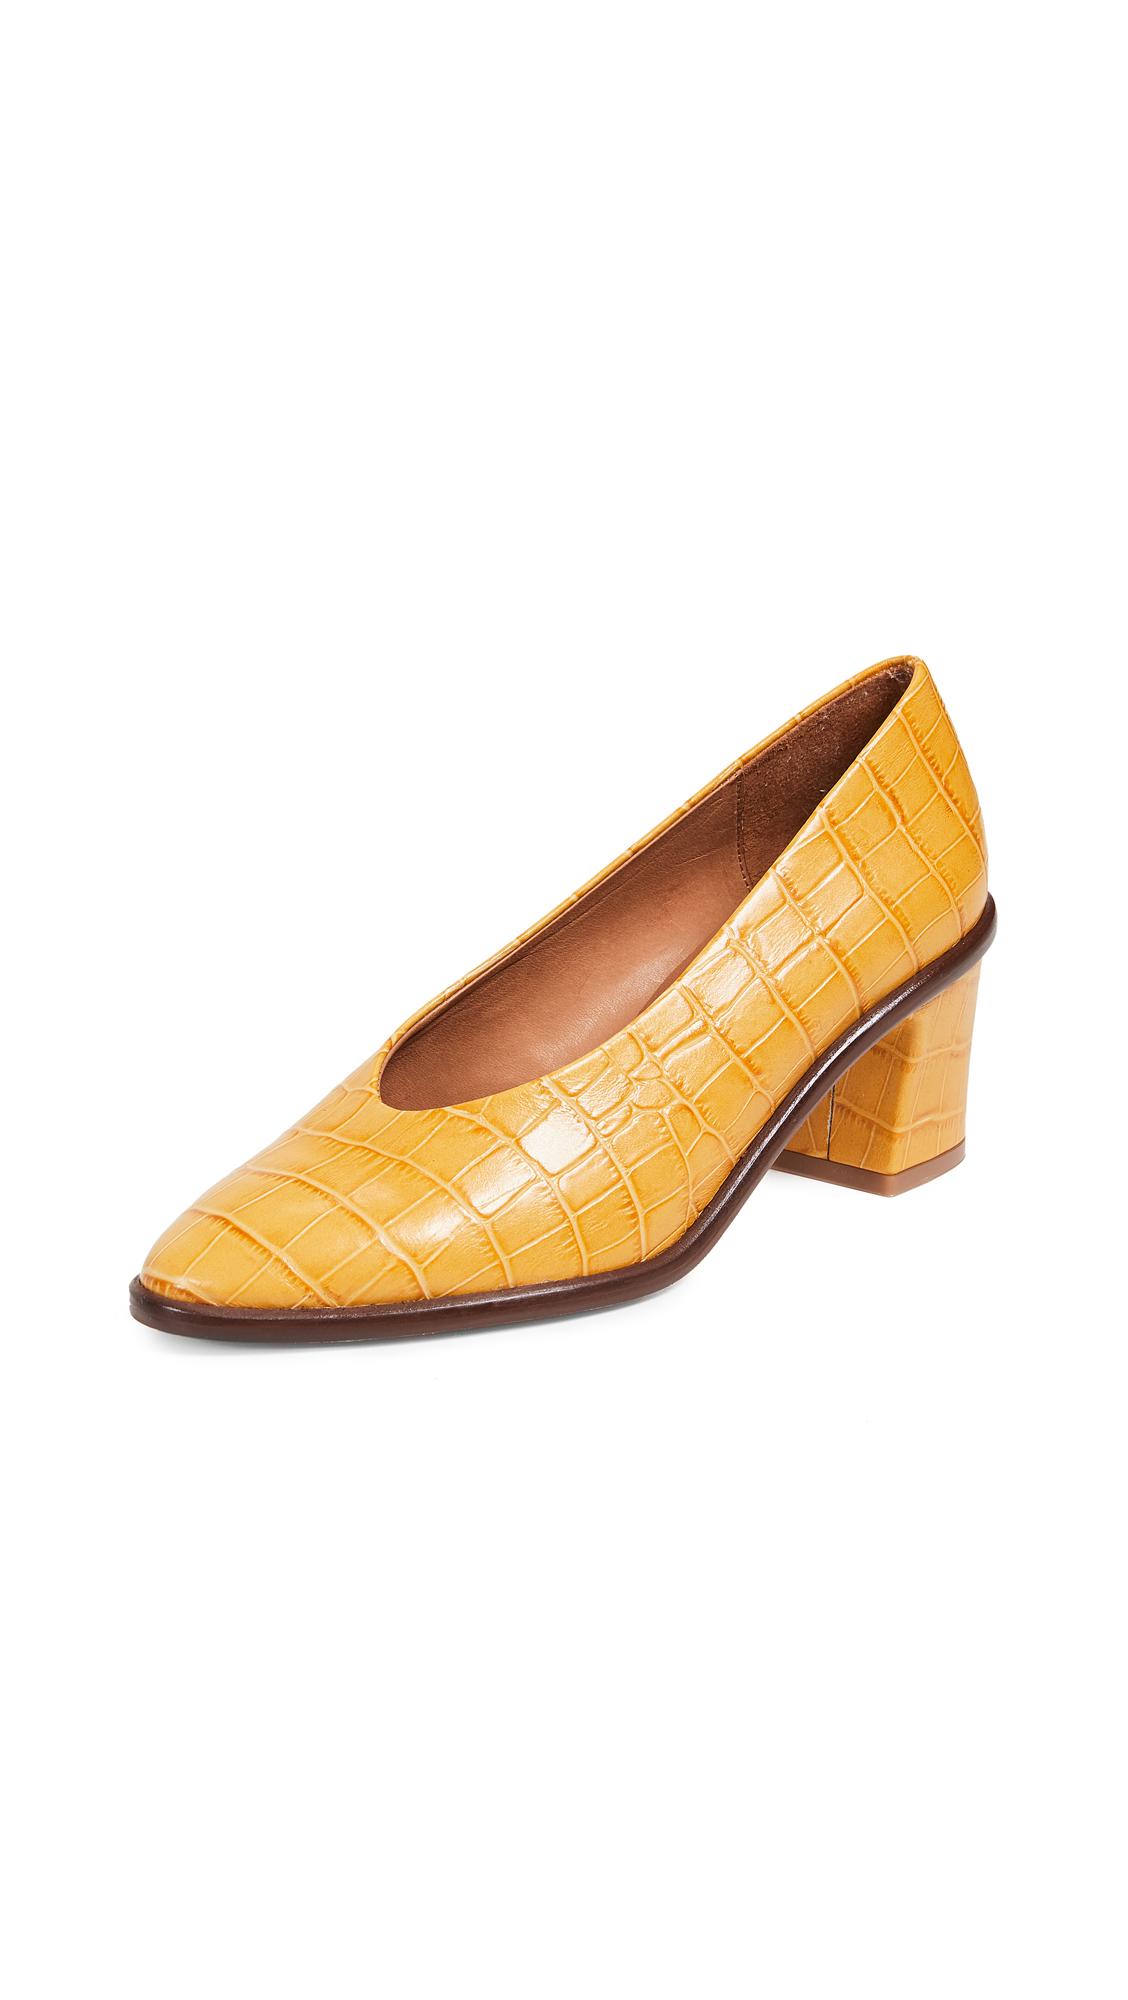 Miista Bernadette Block Heel Pumps - Yellow